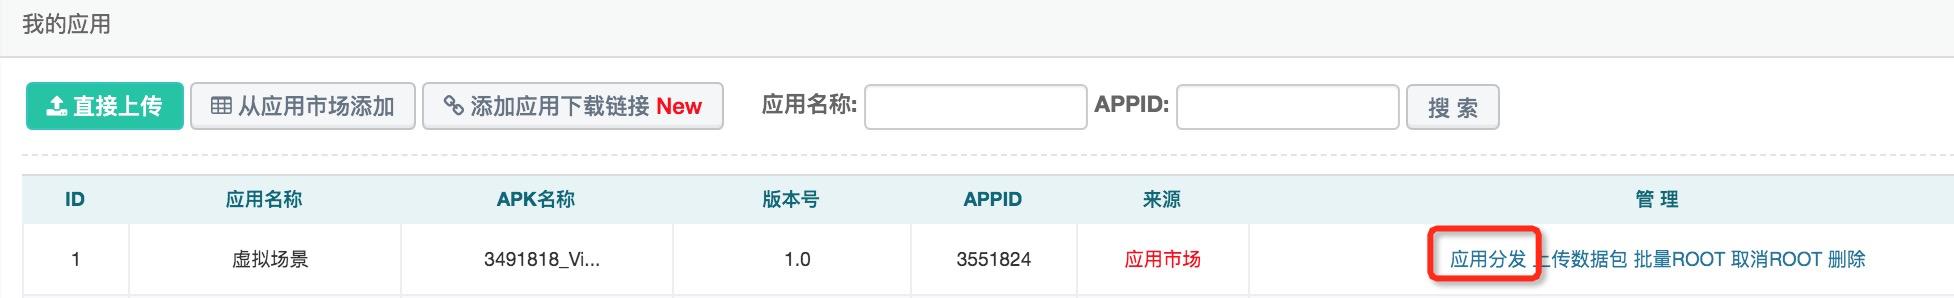 F73BAD16-3D63-436B-BCC1-19E184351806.png